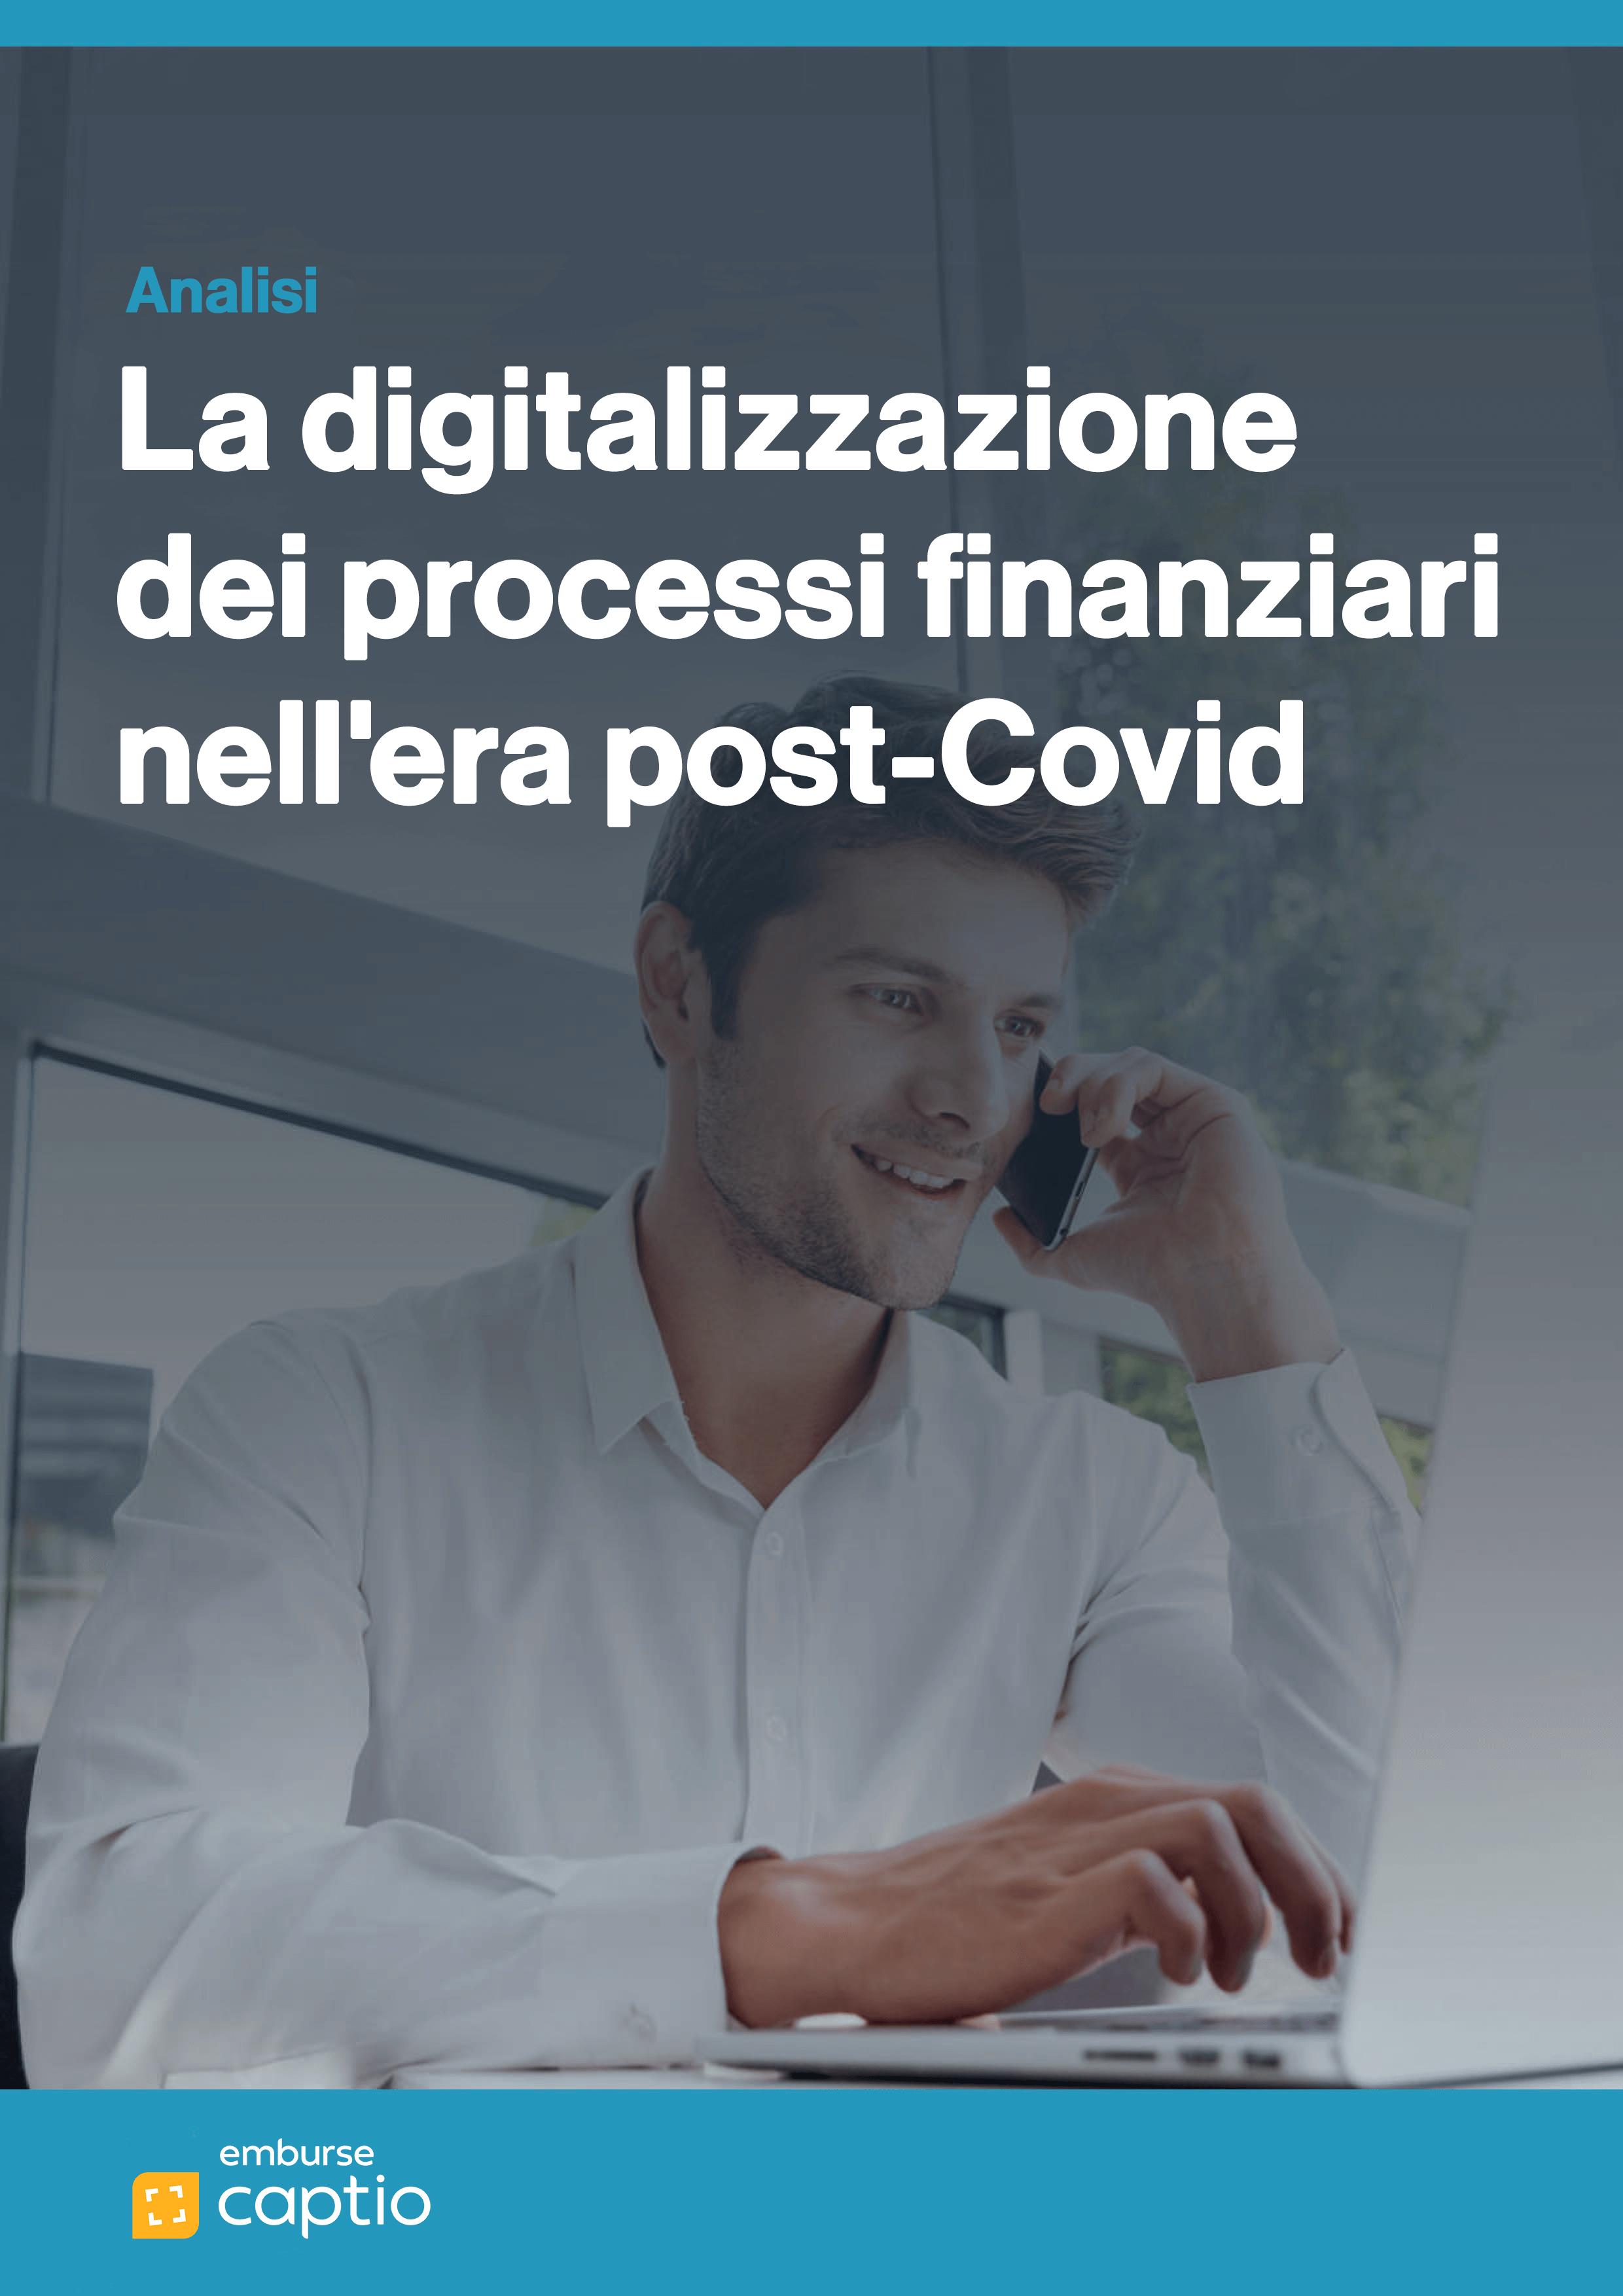 La digitalizzazione dei processi finanziari nell'era post-Covid - eBooks